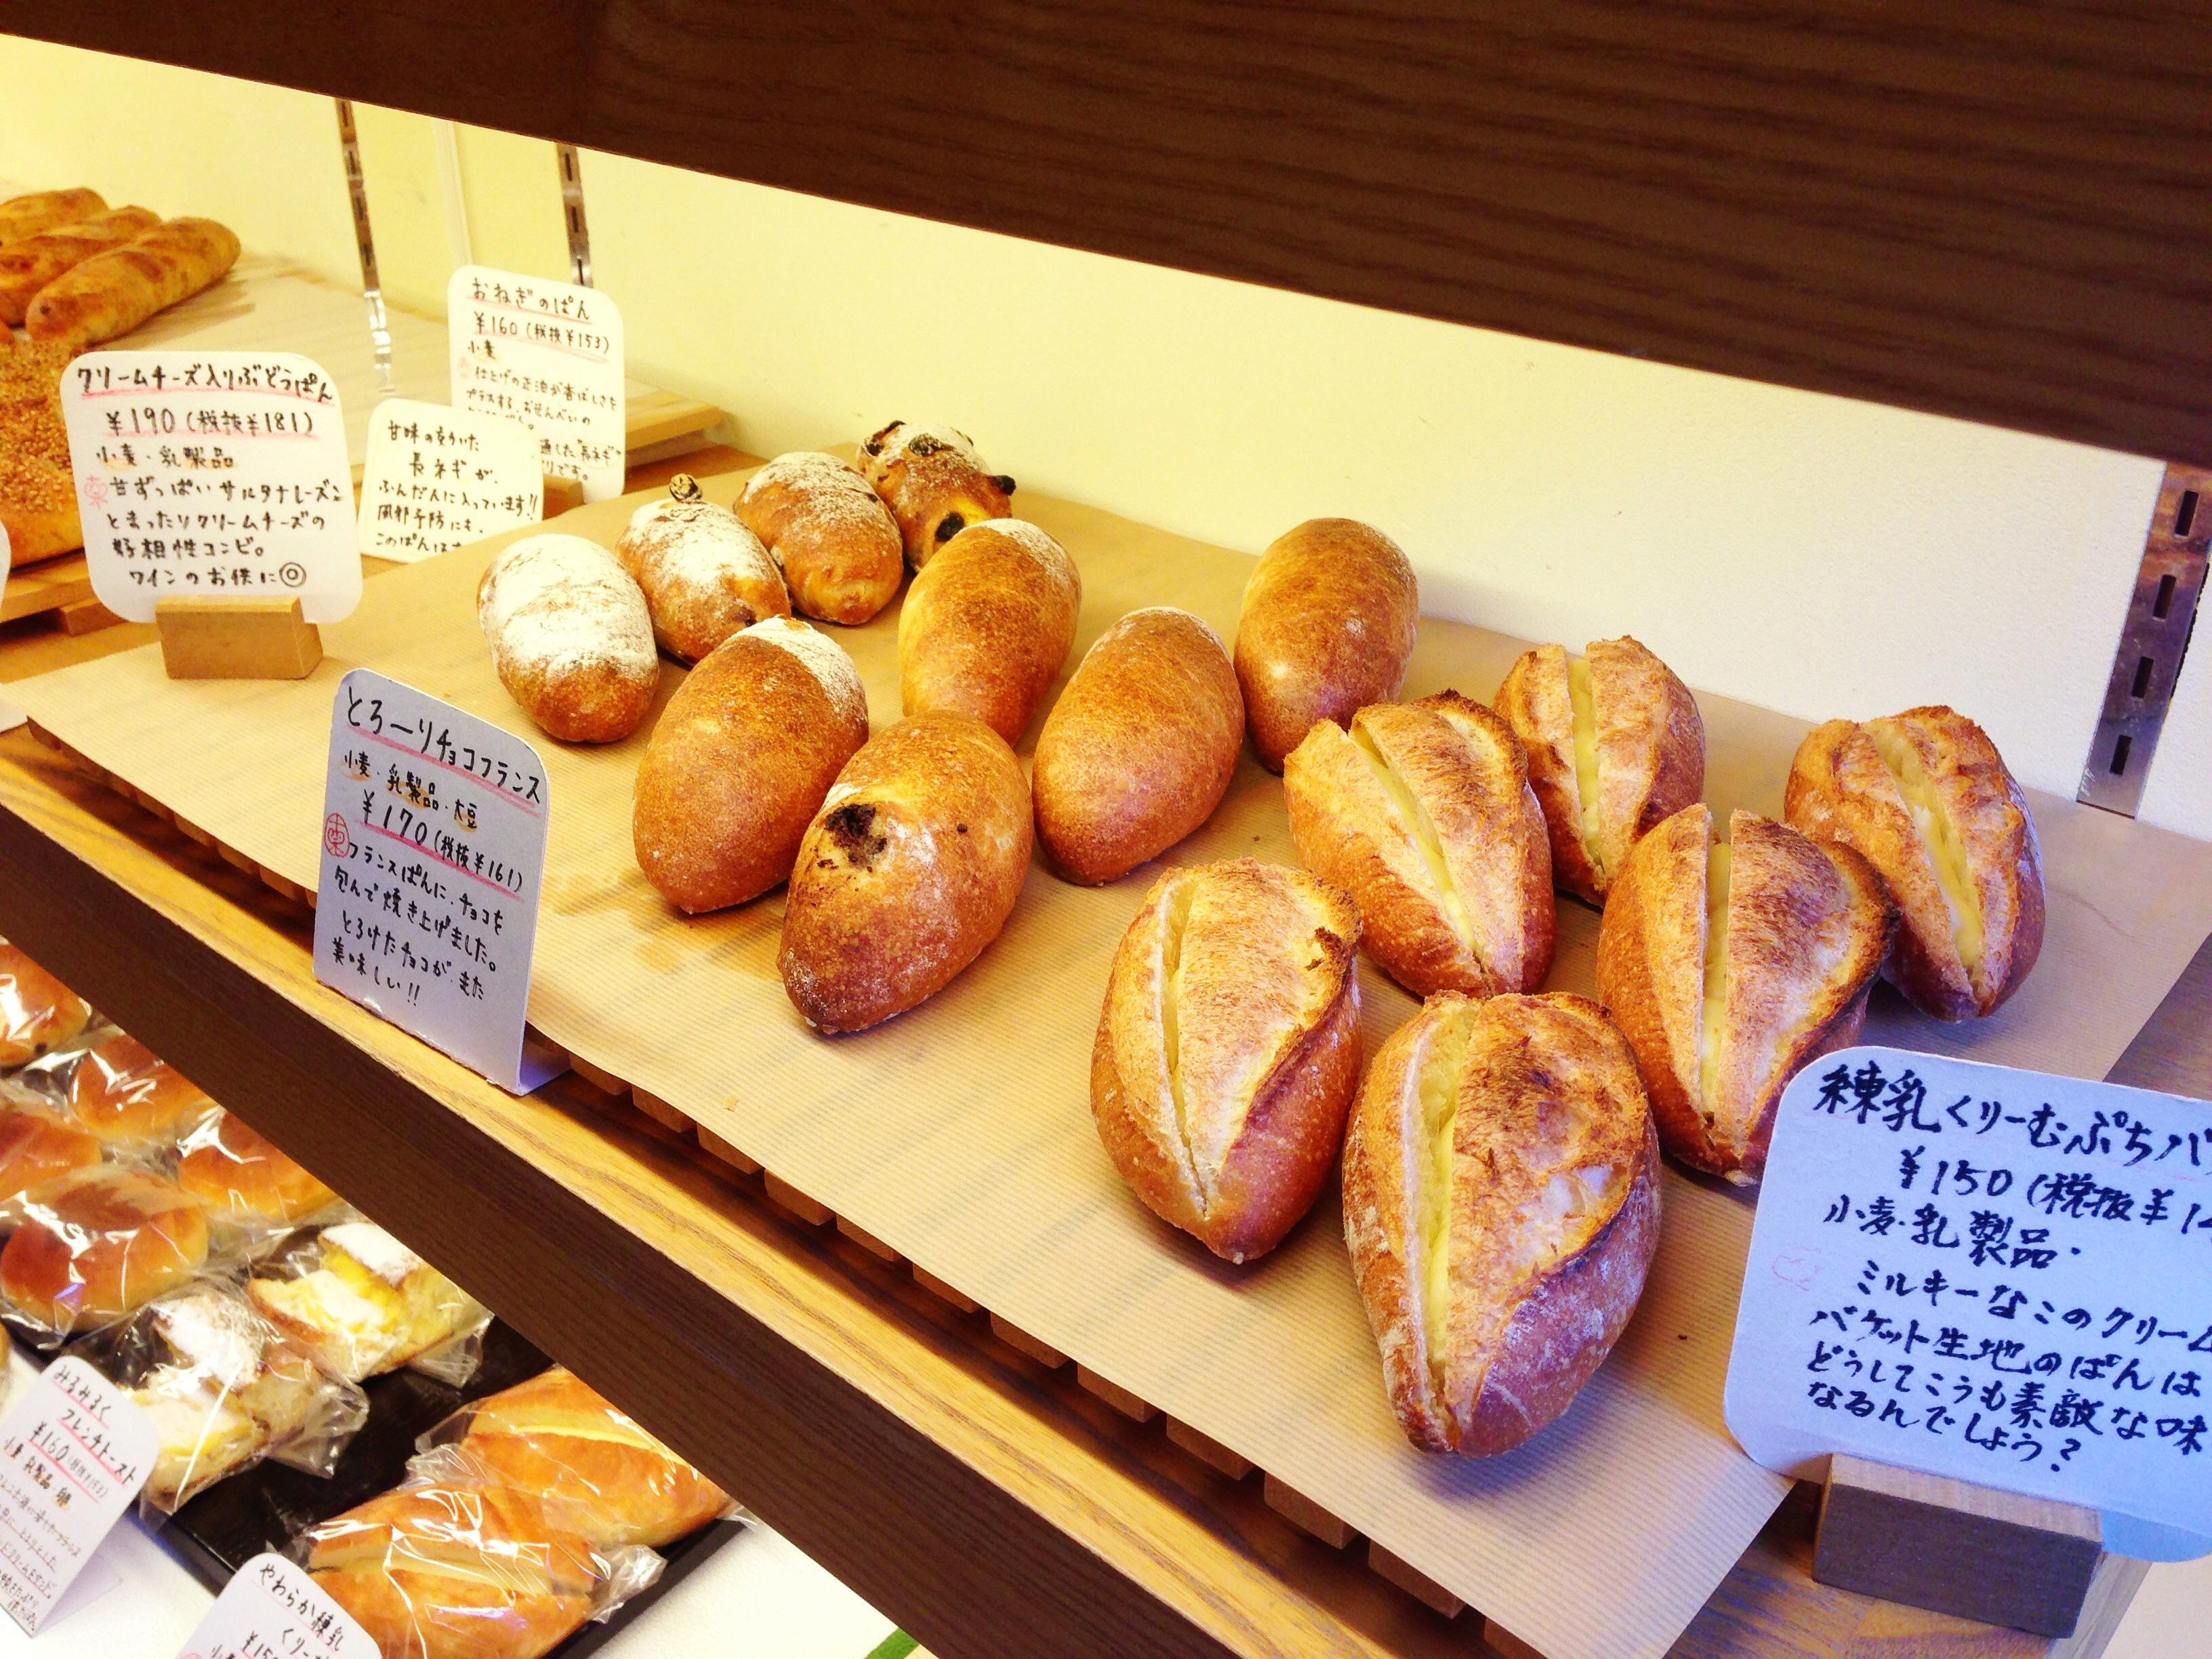 【食べた】野菜を使ったパンが有名な店だけど、シンプルなハード系パンも美味い!平尾にある「ぱんや東篠」